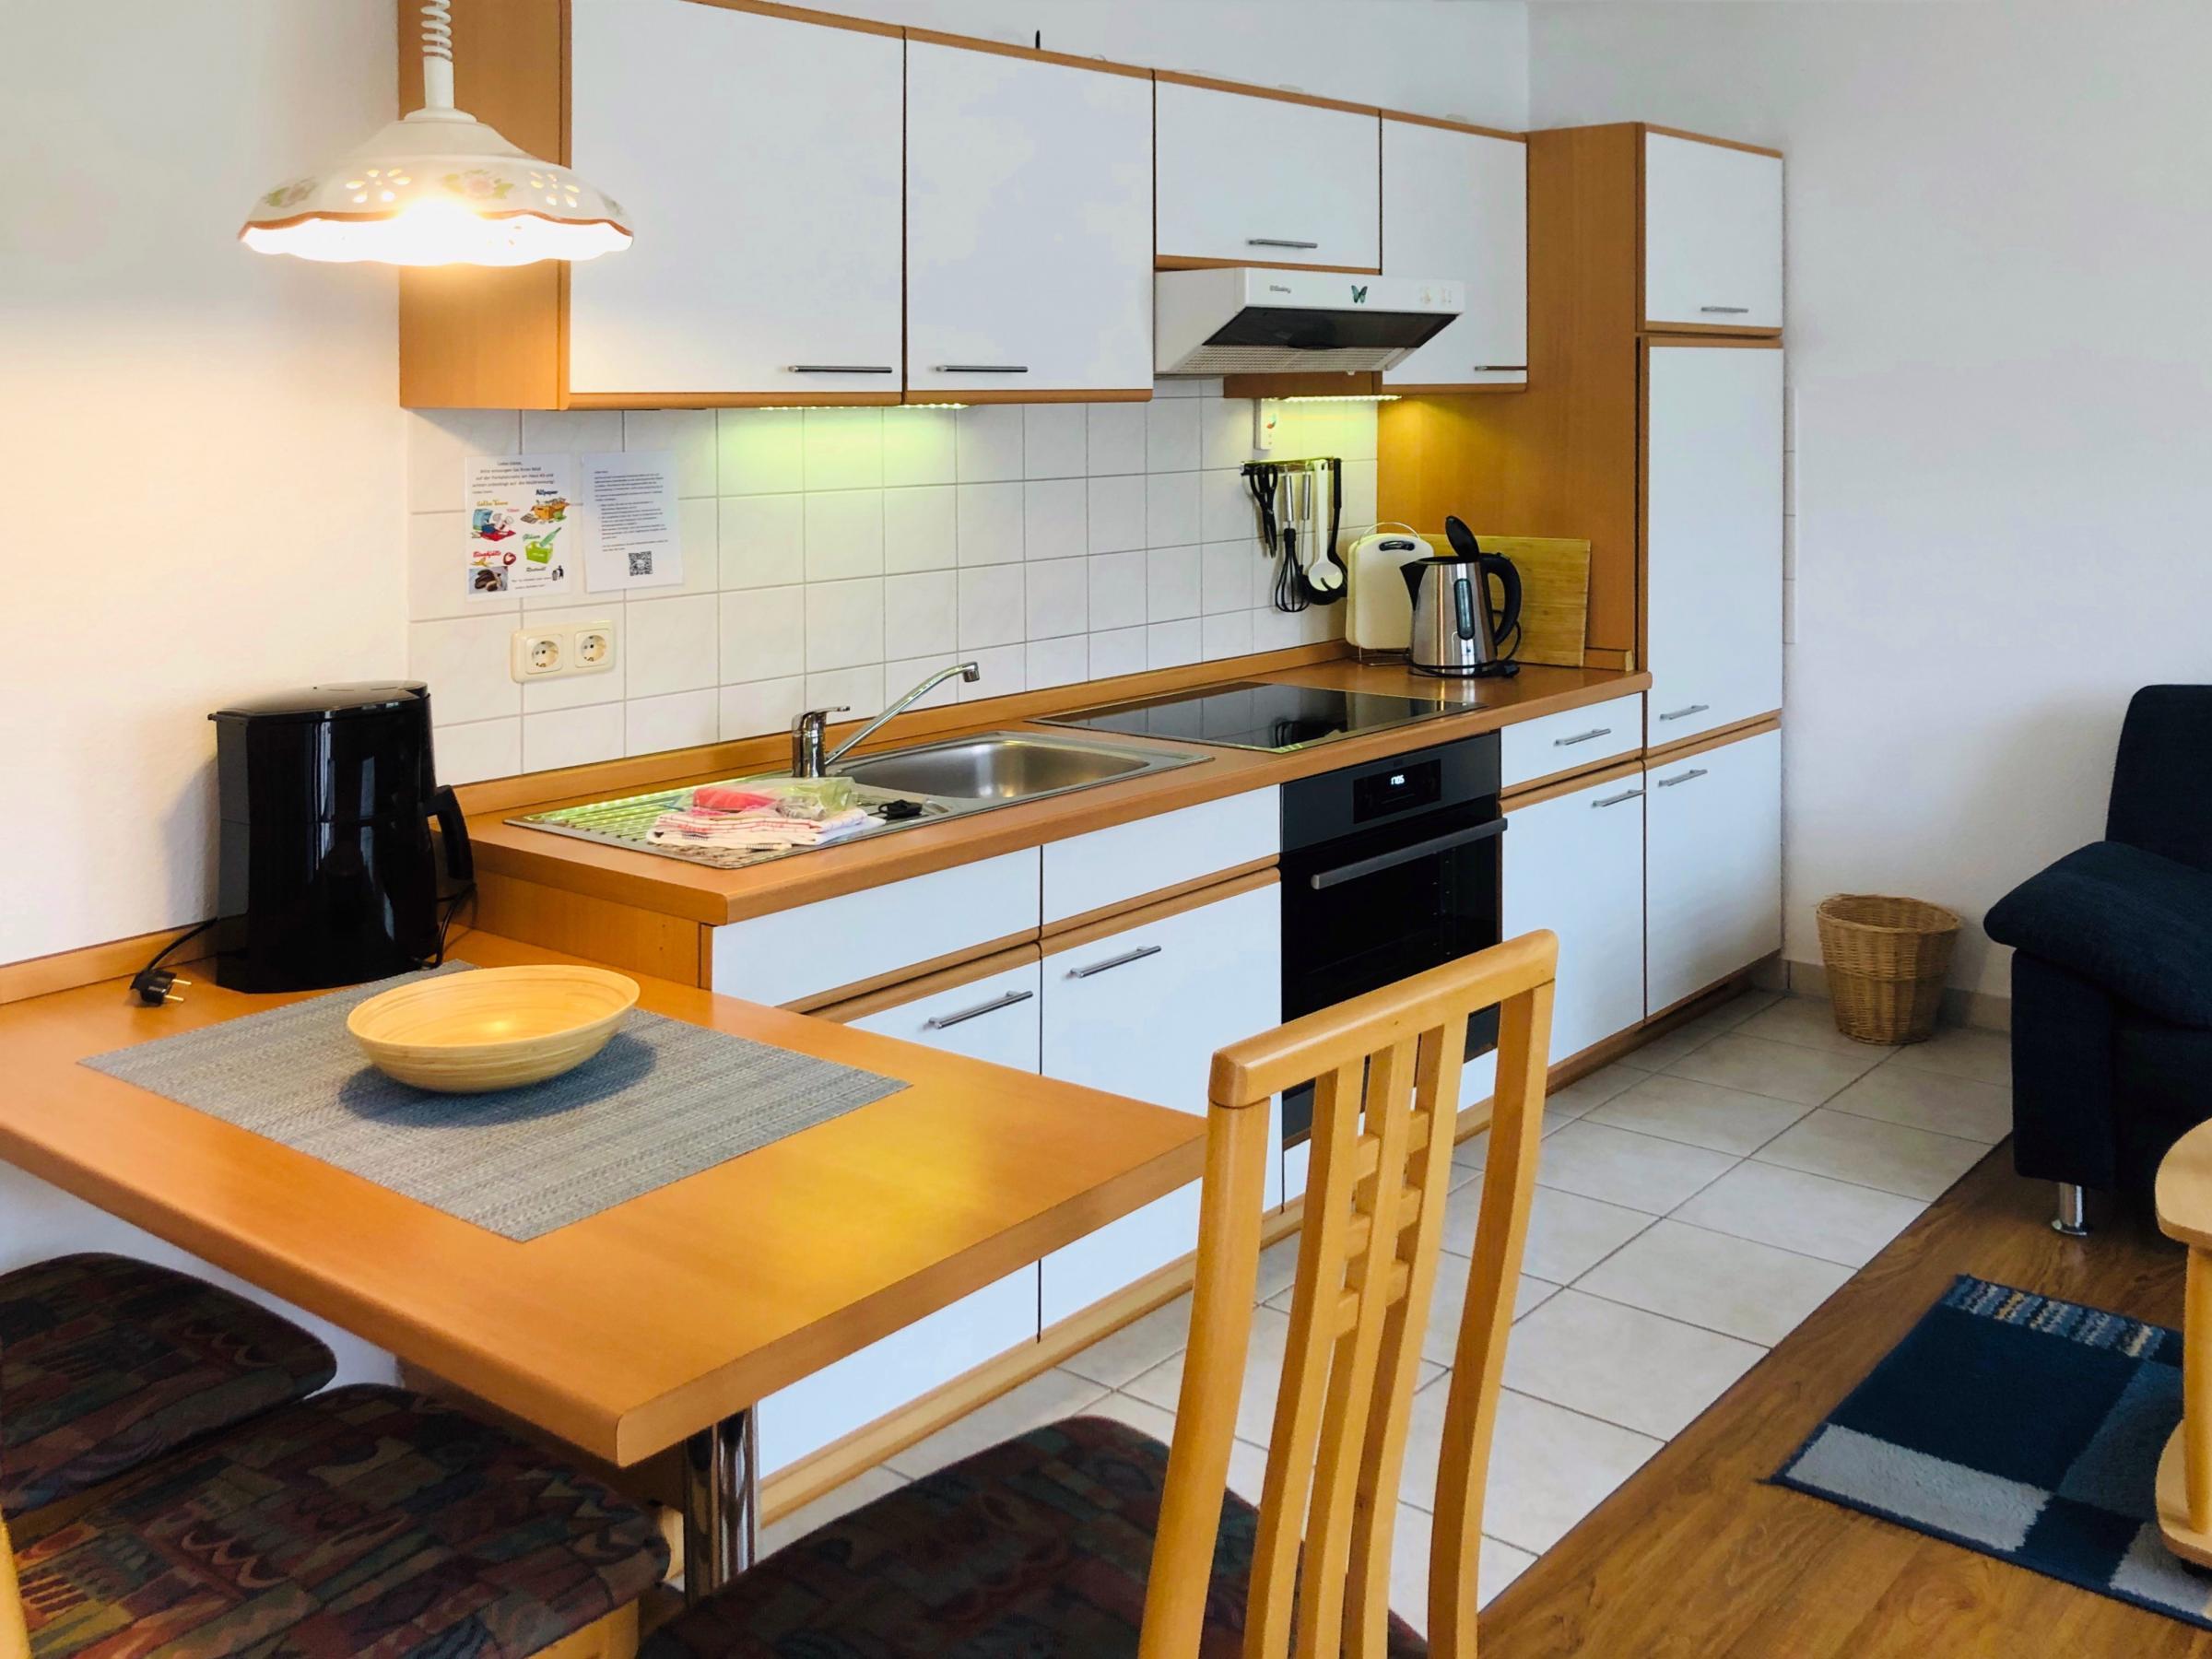 Küchenzeile mit Induktionsherd